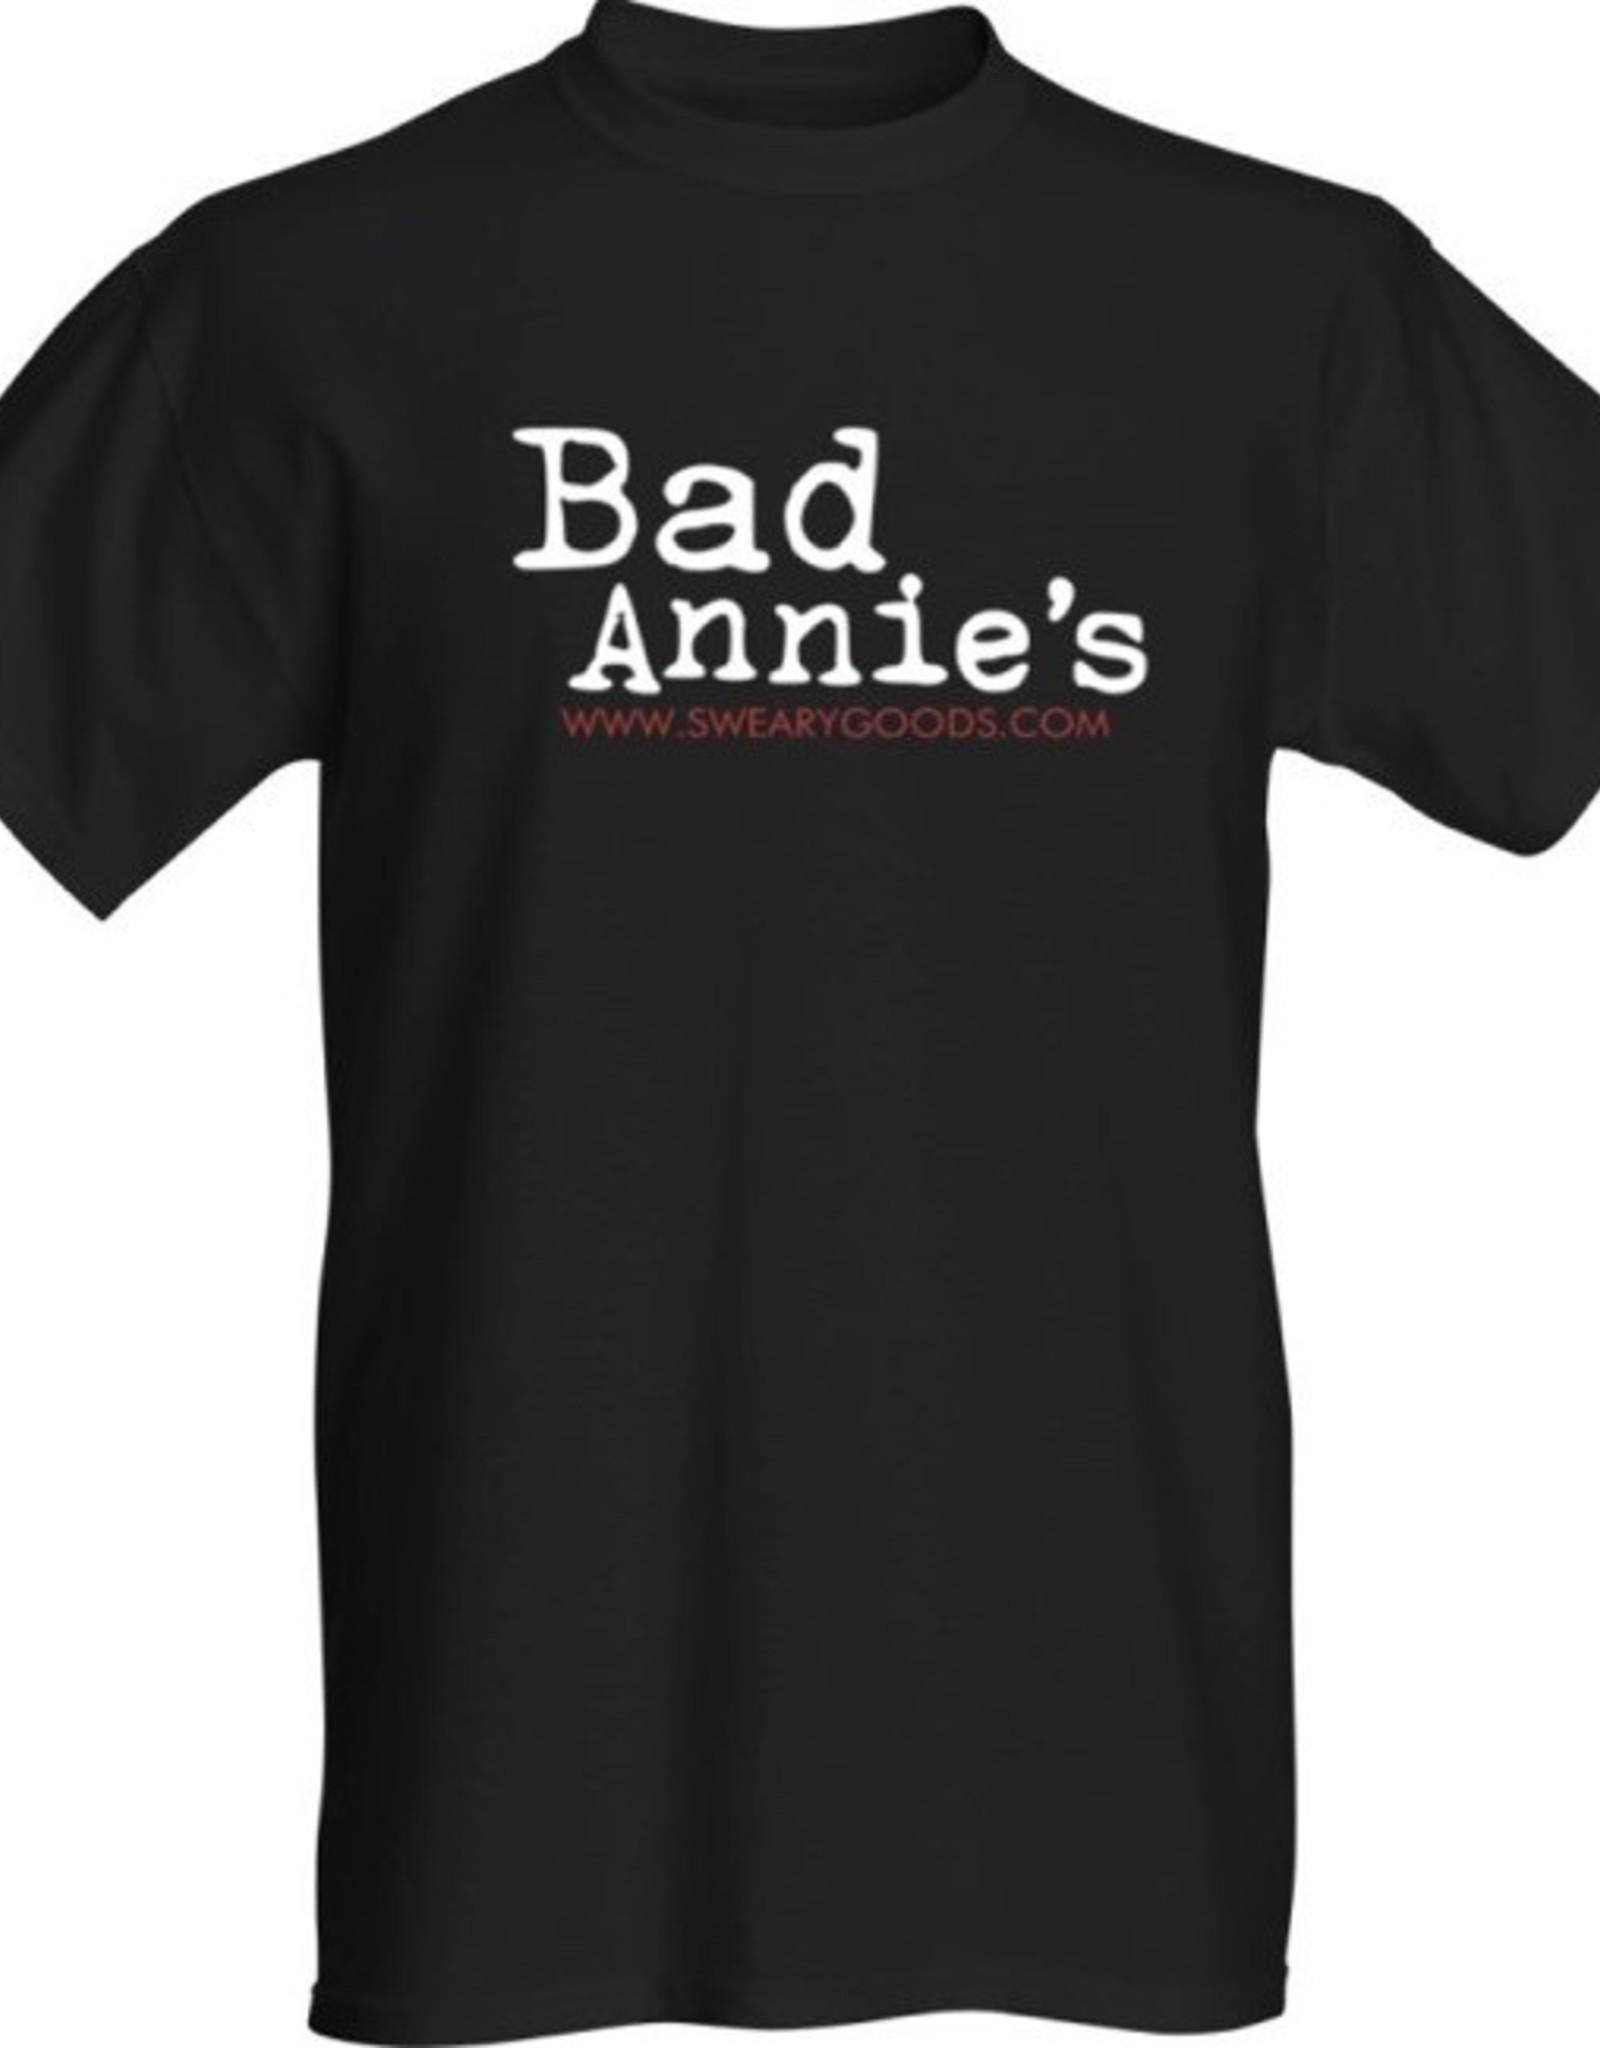 T-Shirt - Bad Annies